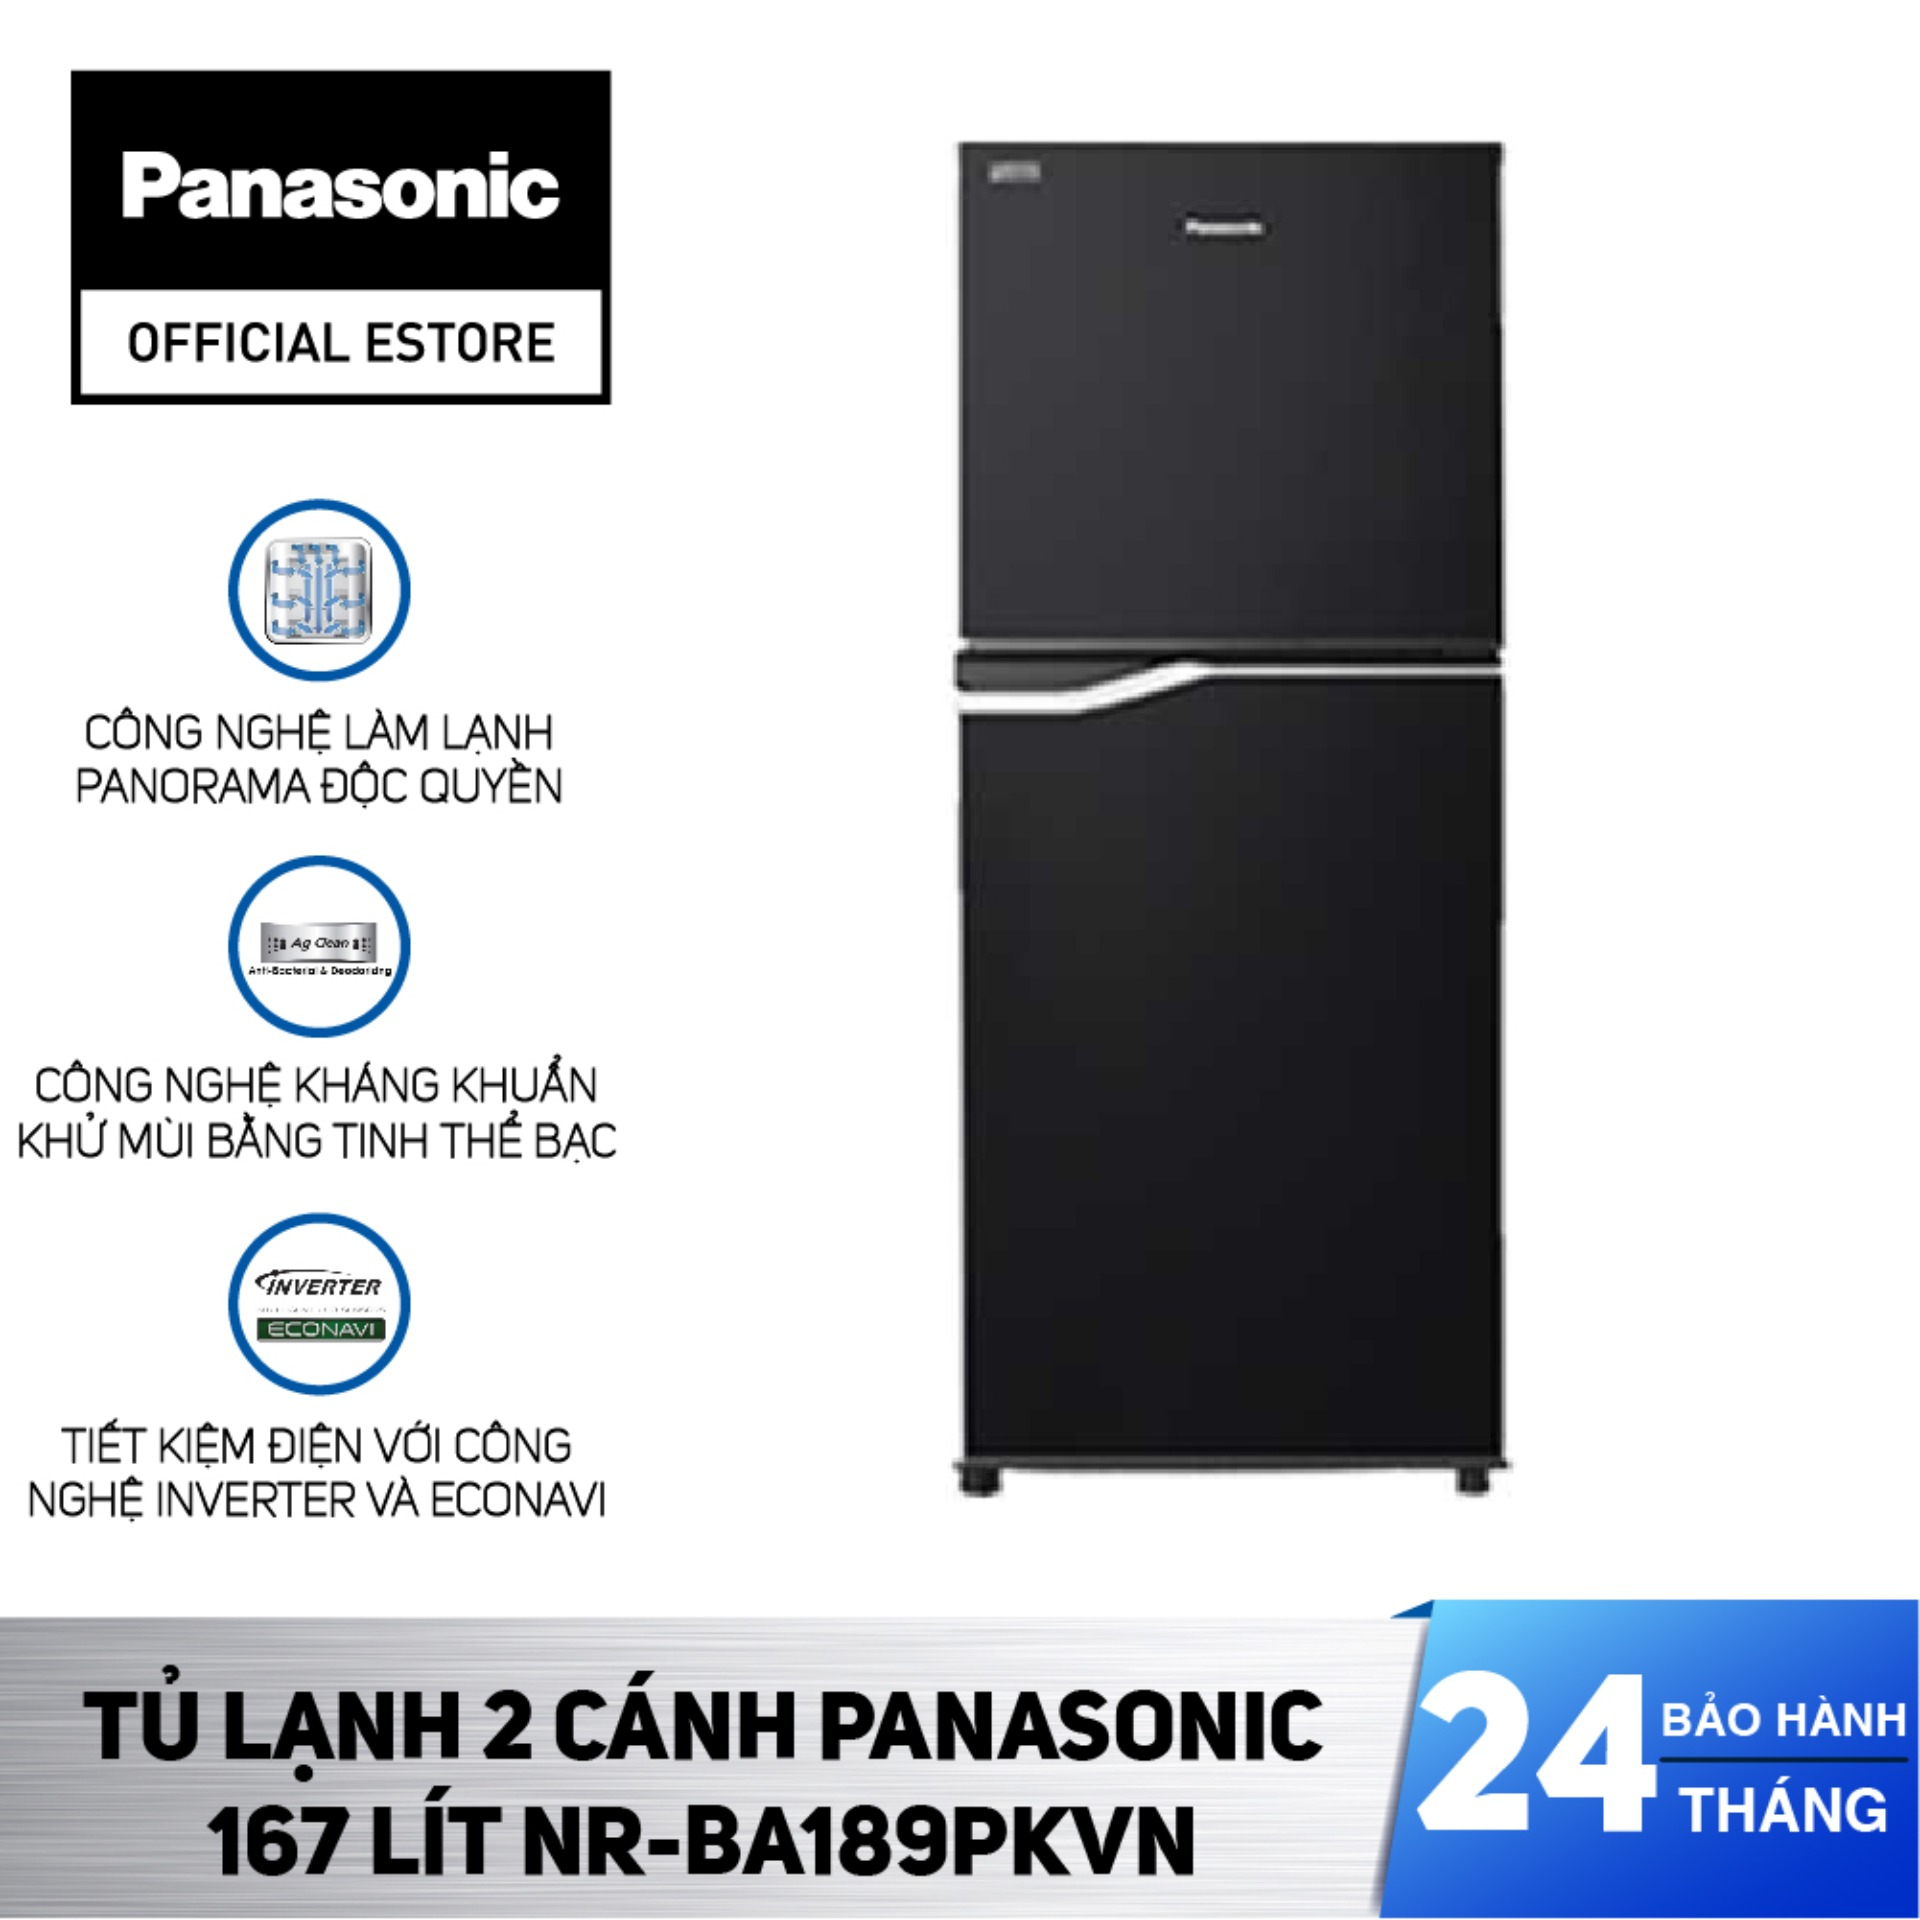 [Chỉ Giao HCM] Tủ Lạnh Panasonic 167 Lít Inverter NR-BA189PKVN – Kháng khuẩn tinh thể bạc Ag+ – Bảo Hành 2 Năm – Hàng Chính Hãng